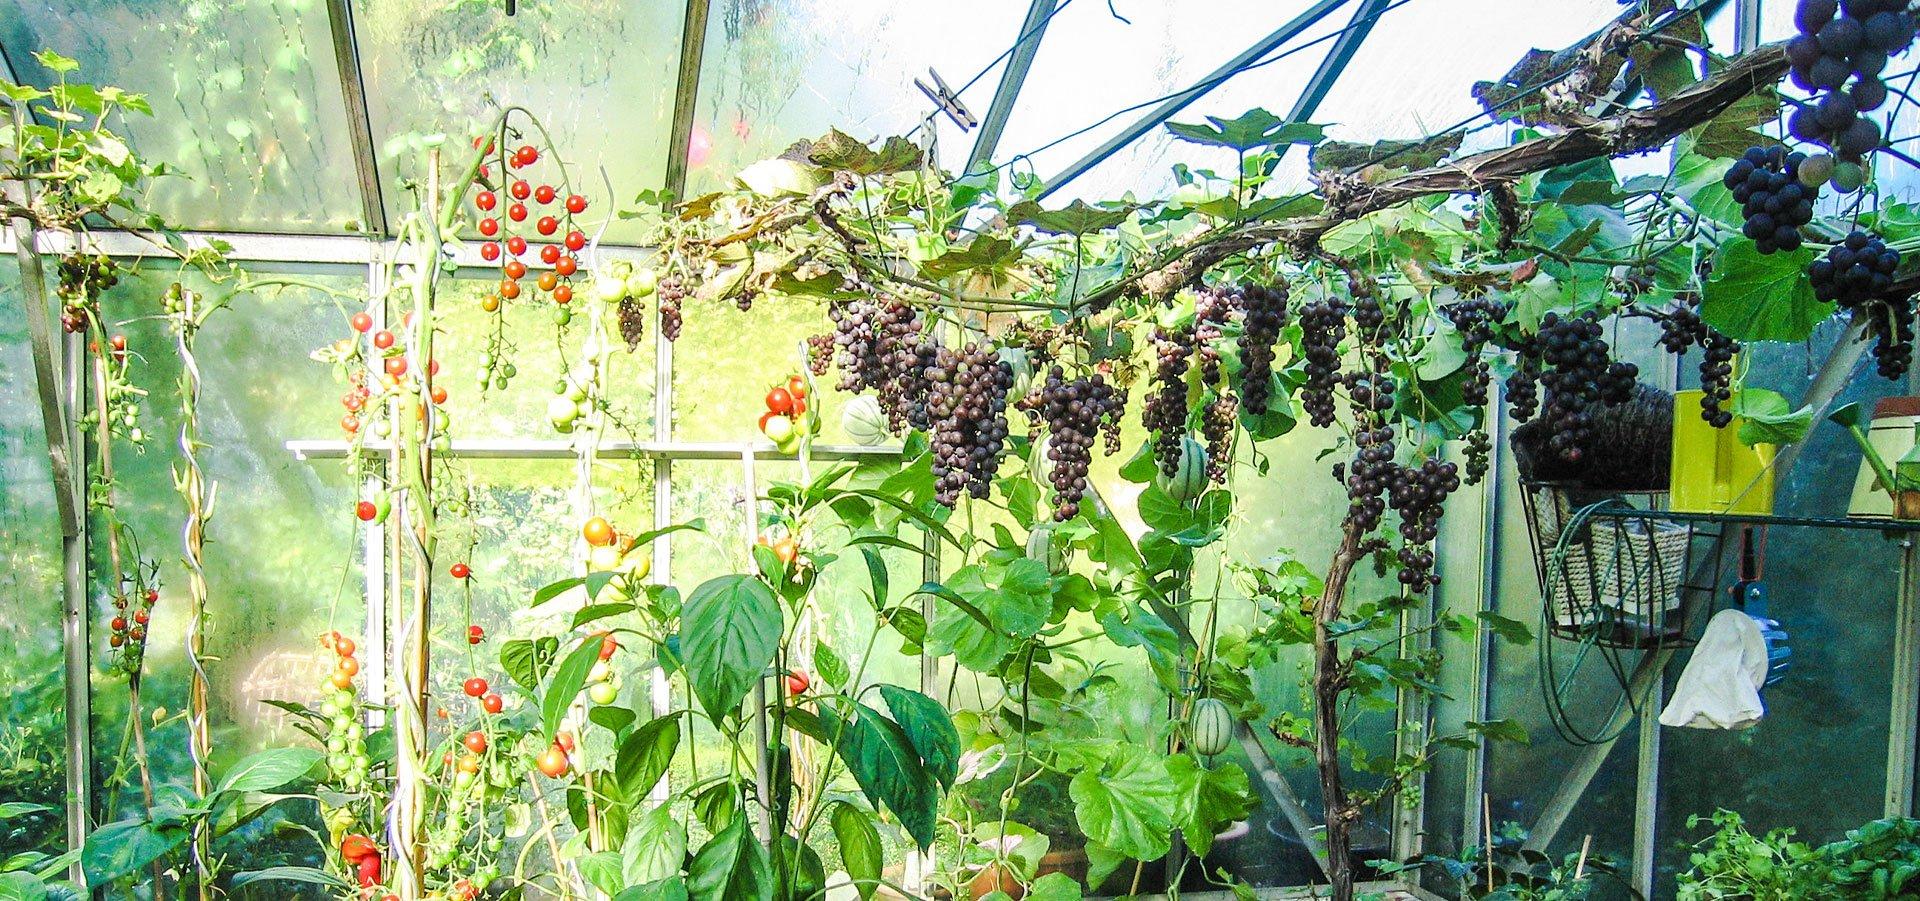 Slik dyrker du dine egne druer til hjemmelaget vin